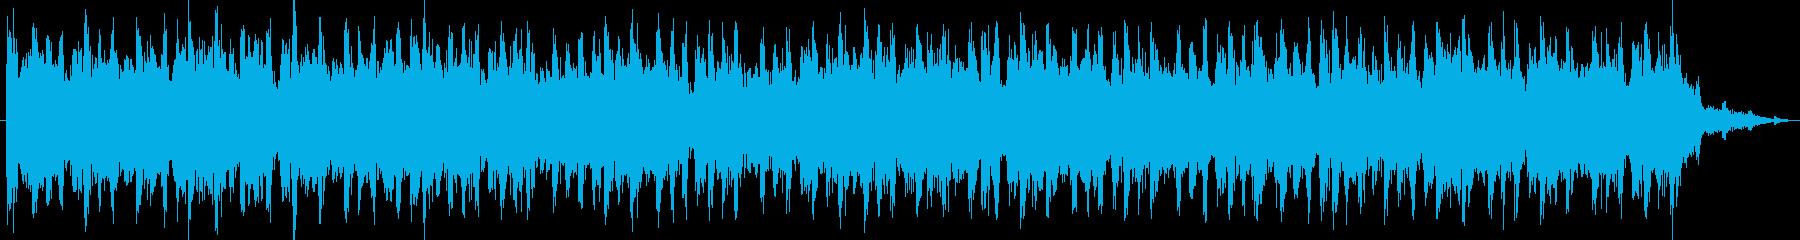 電気楽器。脈打つダンスのビート、き...の再生済みの波形